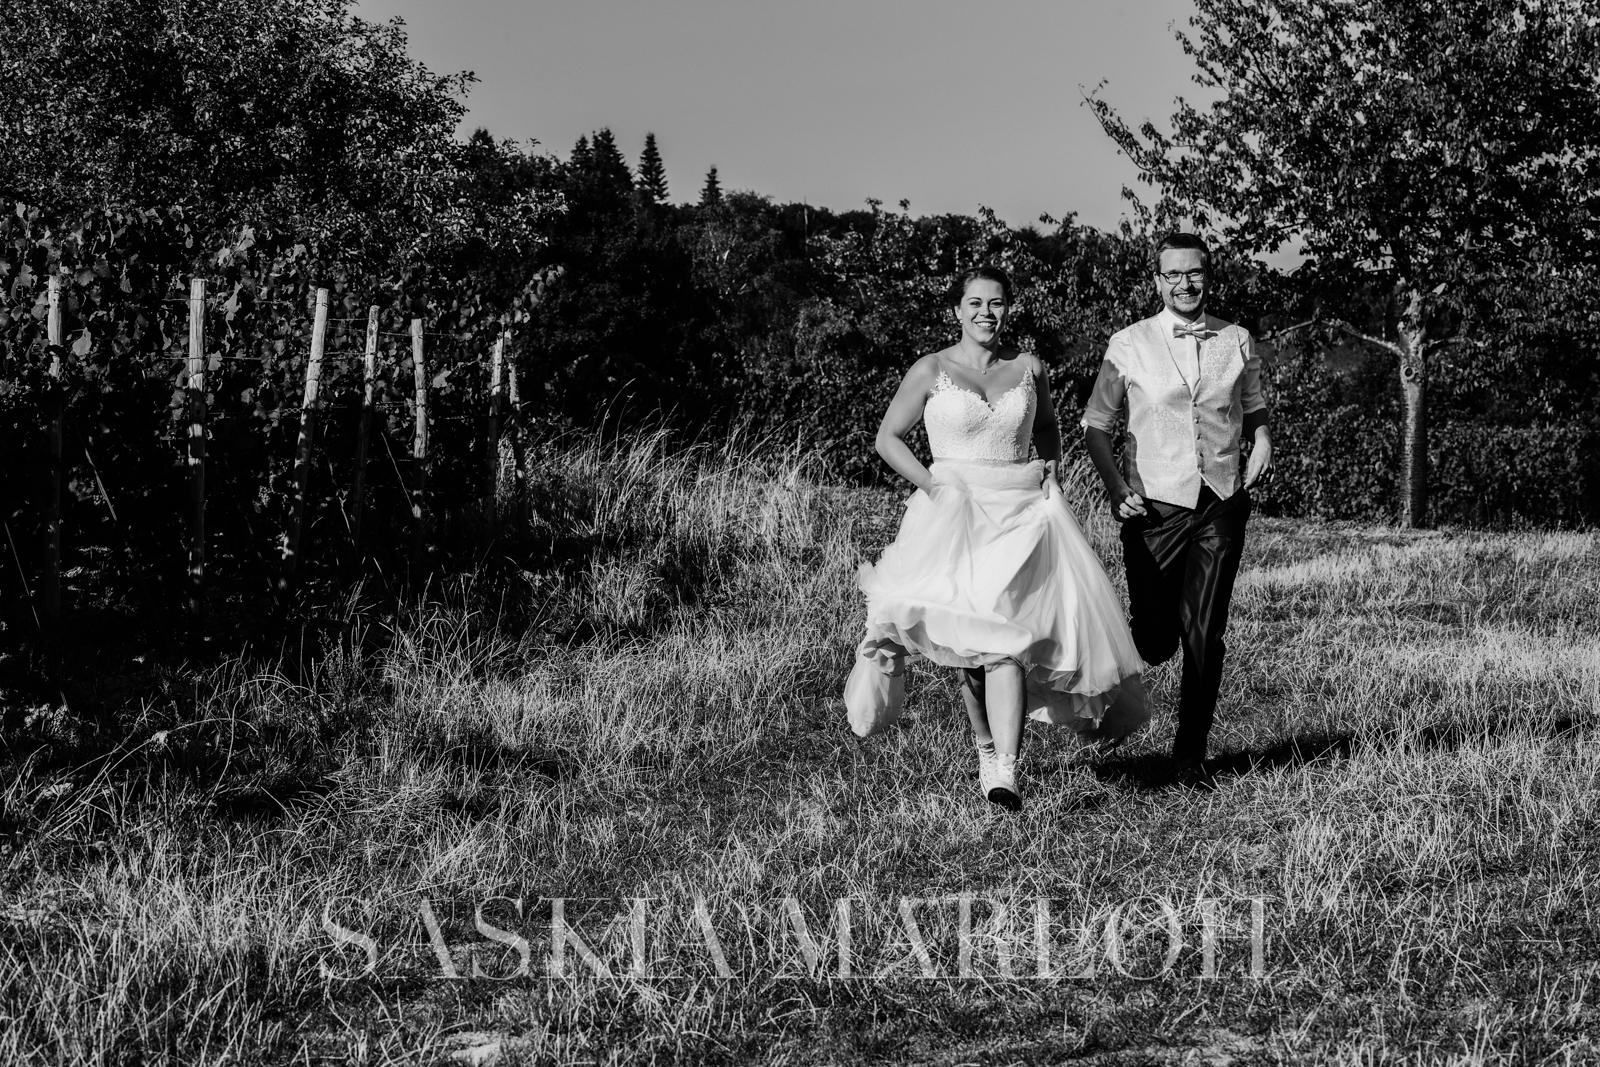 Brautpaarshooting in Hallgarten.